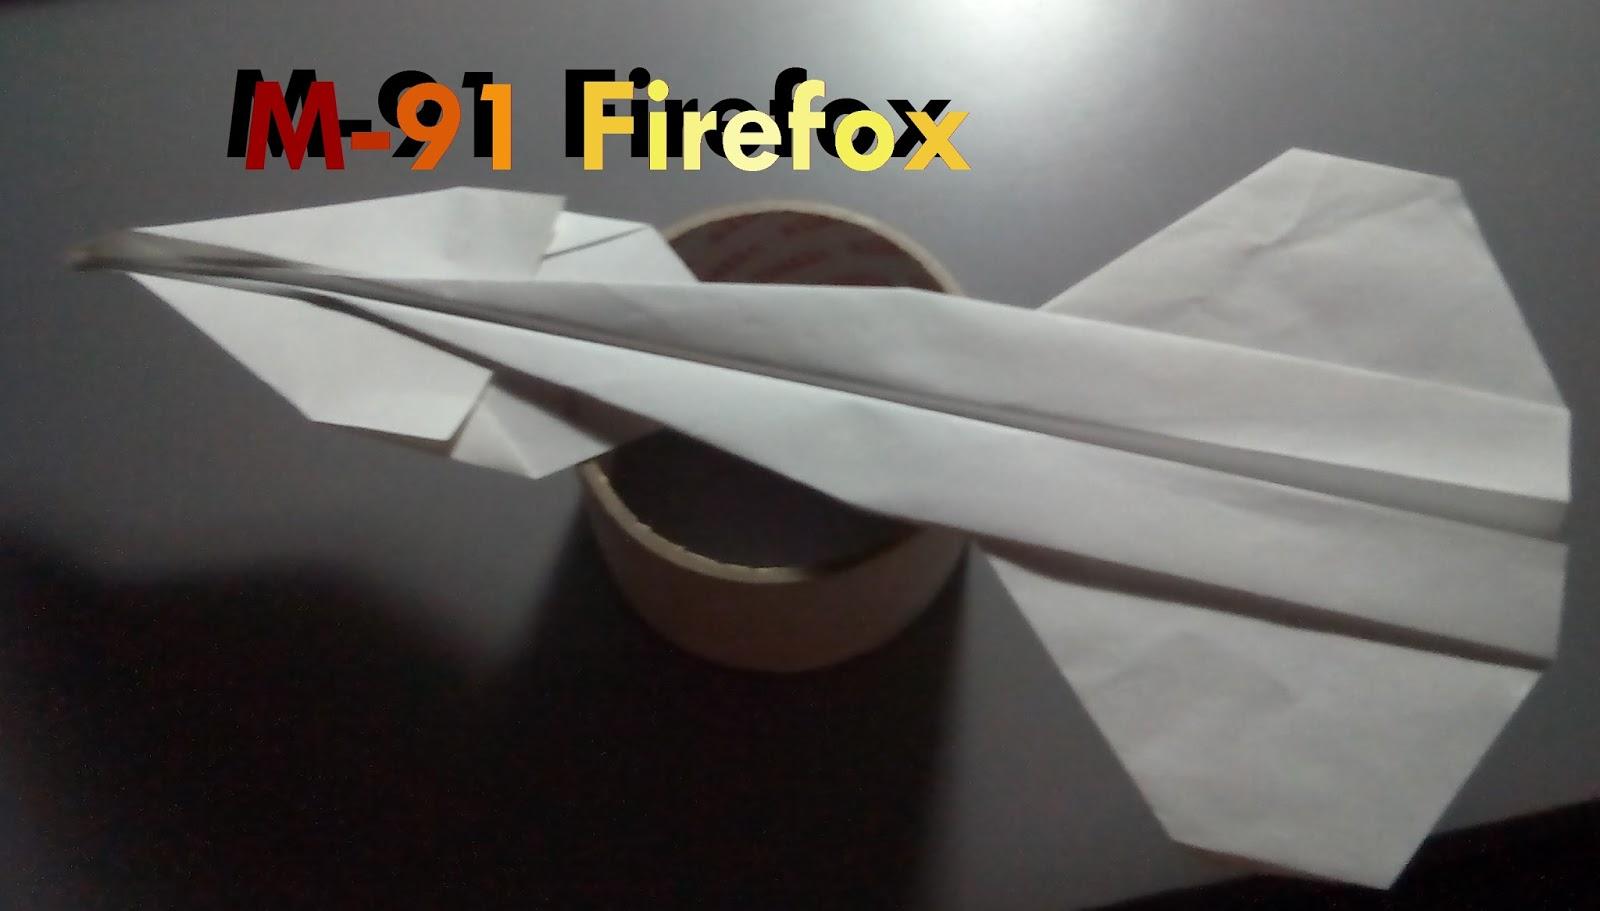 Avión de papel M-91